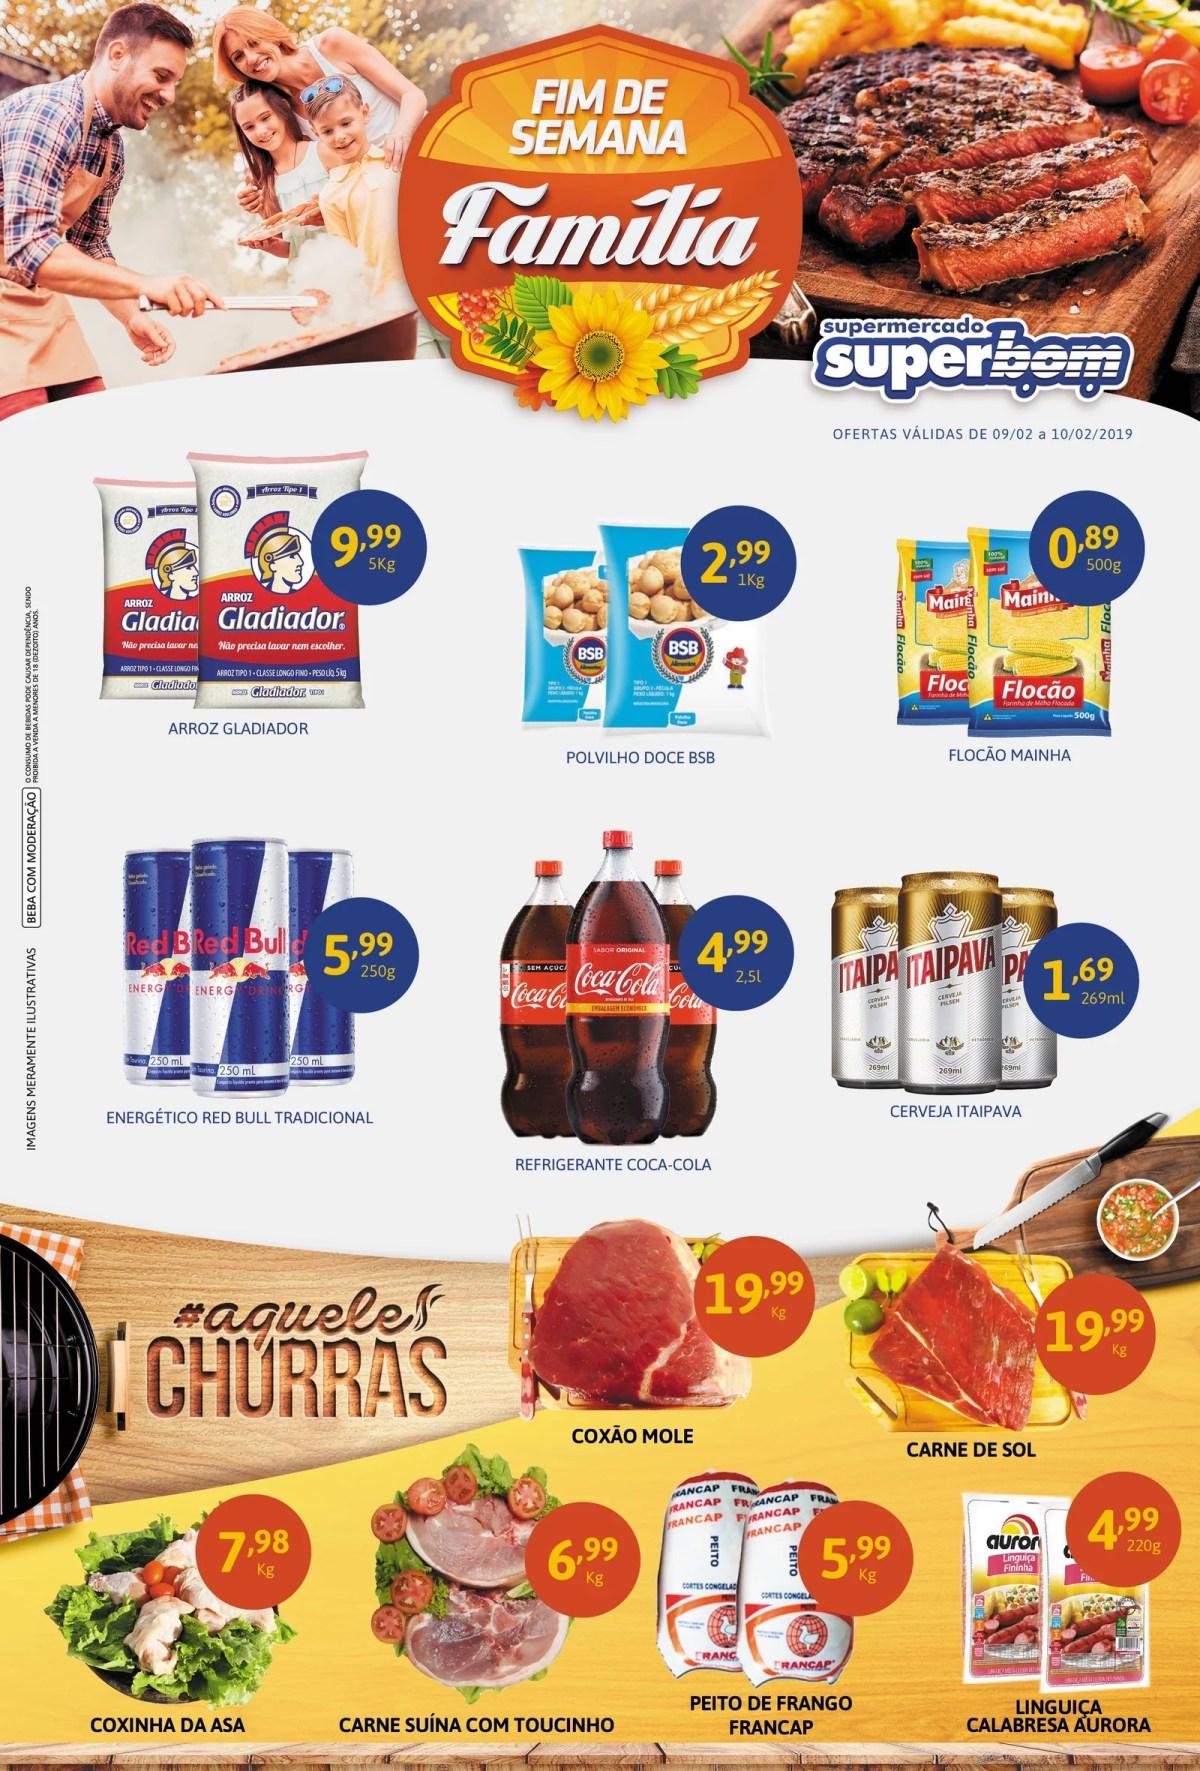 Ofertas Supermercado SuperBom16